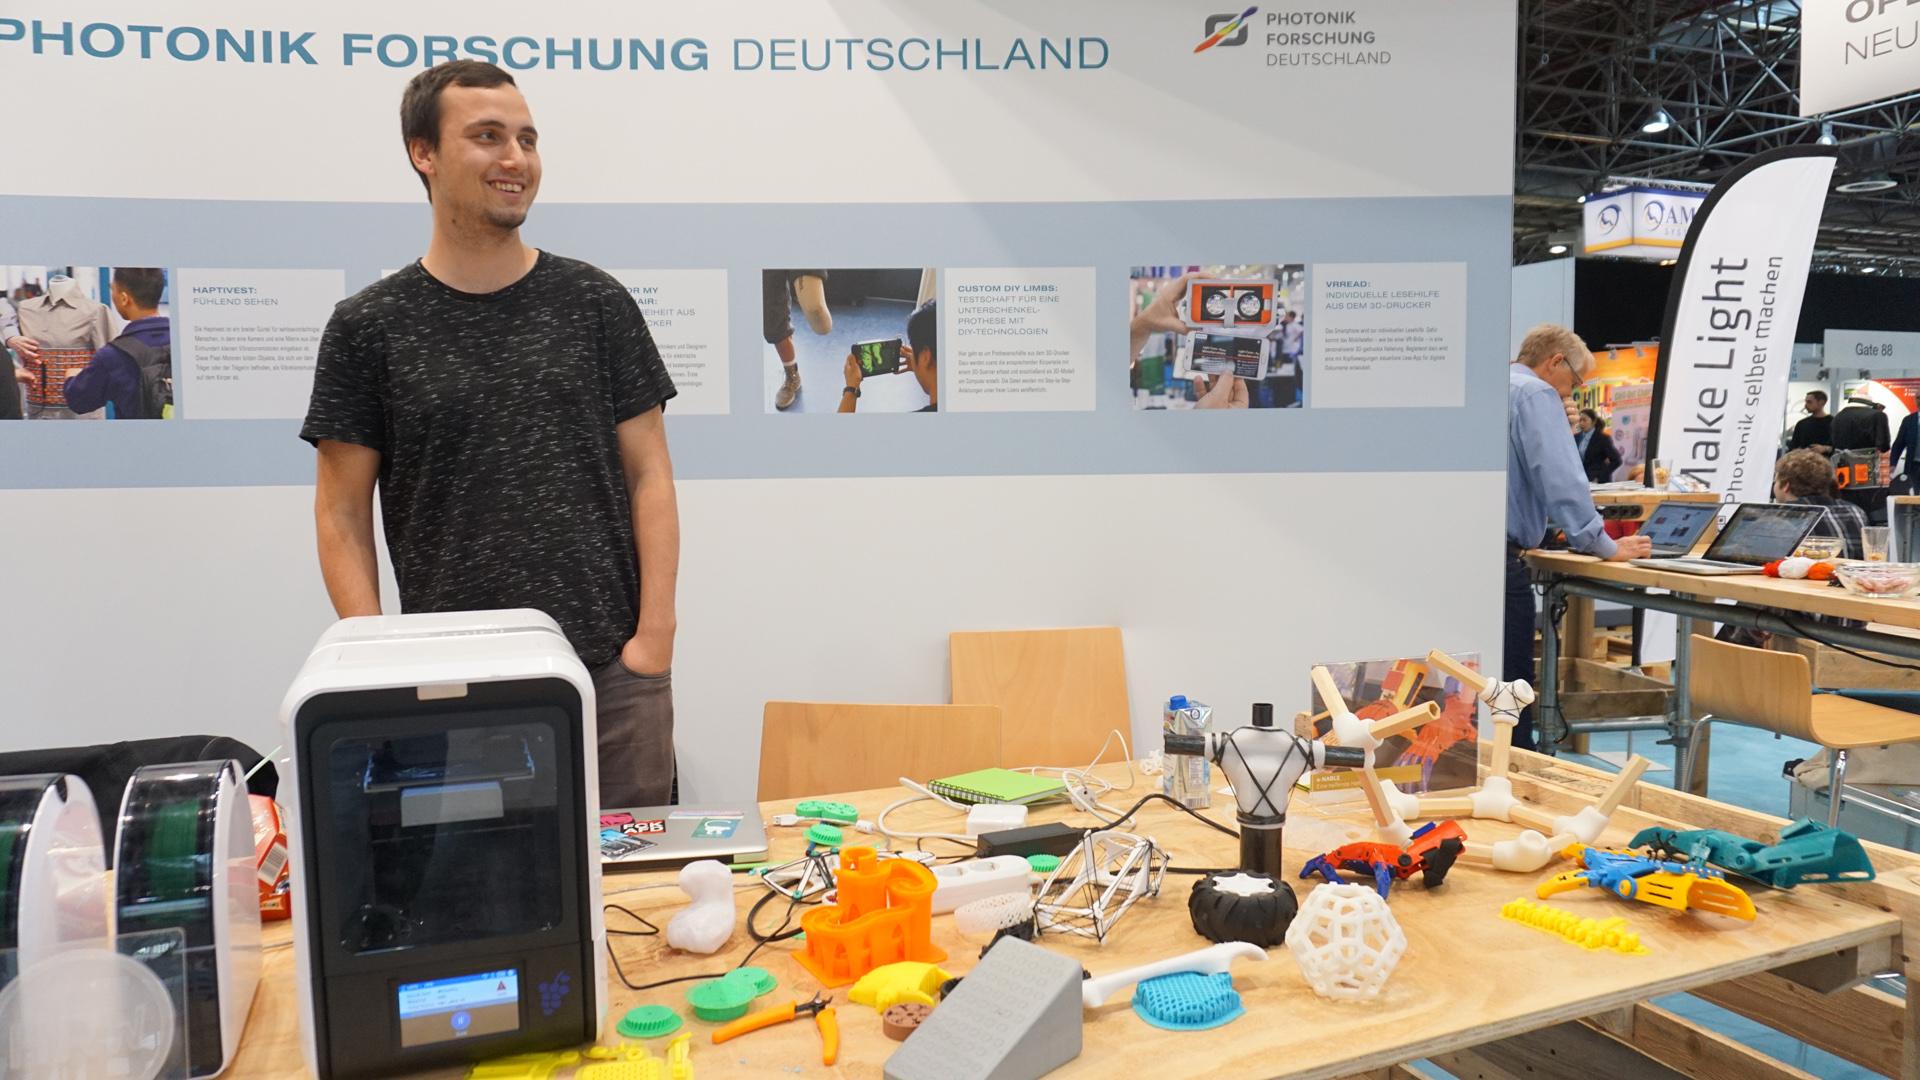 Auf einem Messetisch steht ein 3D-Drucker mit einigen bunten 3D-gedruckten Teilen, dahinter steht ein Mann.